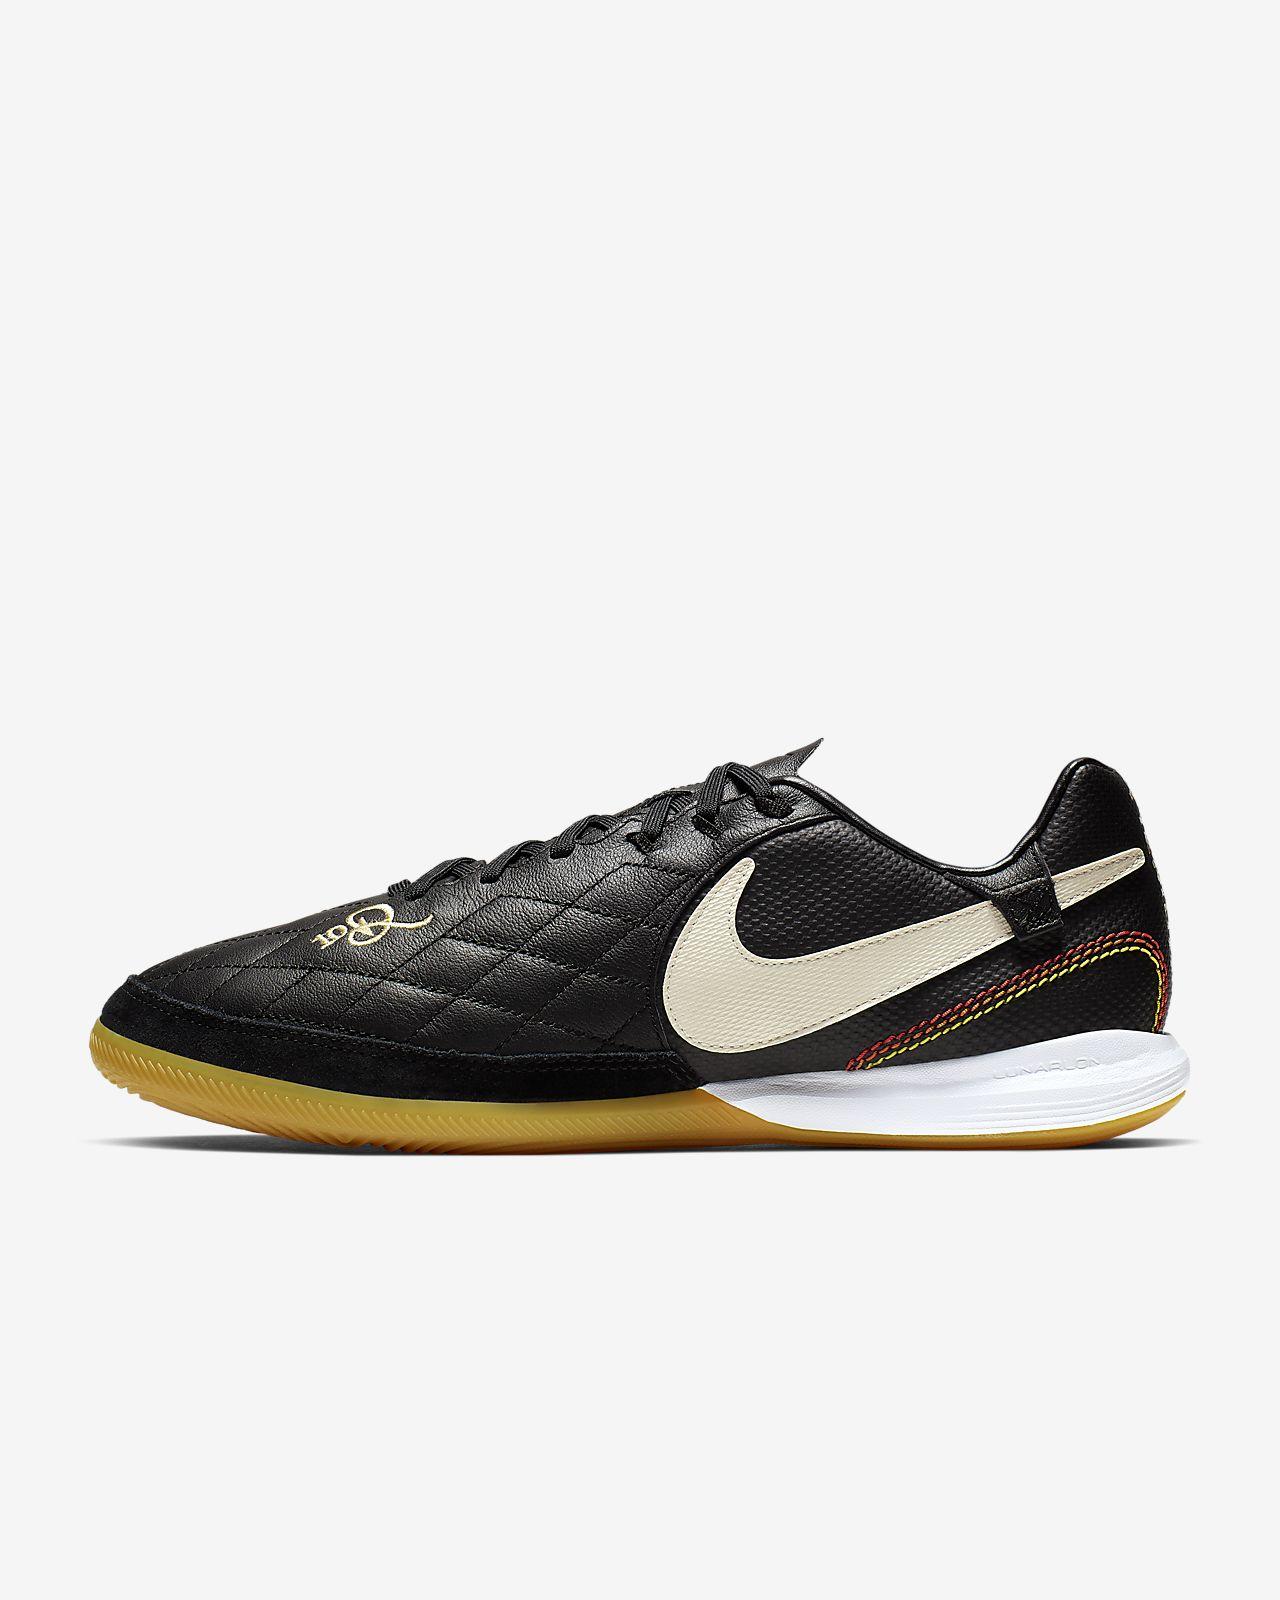 Nike TiempoX Lunar Legend VII Pro 10R Zaalvoetbalschoen